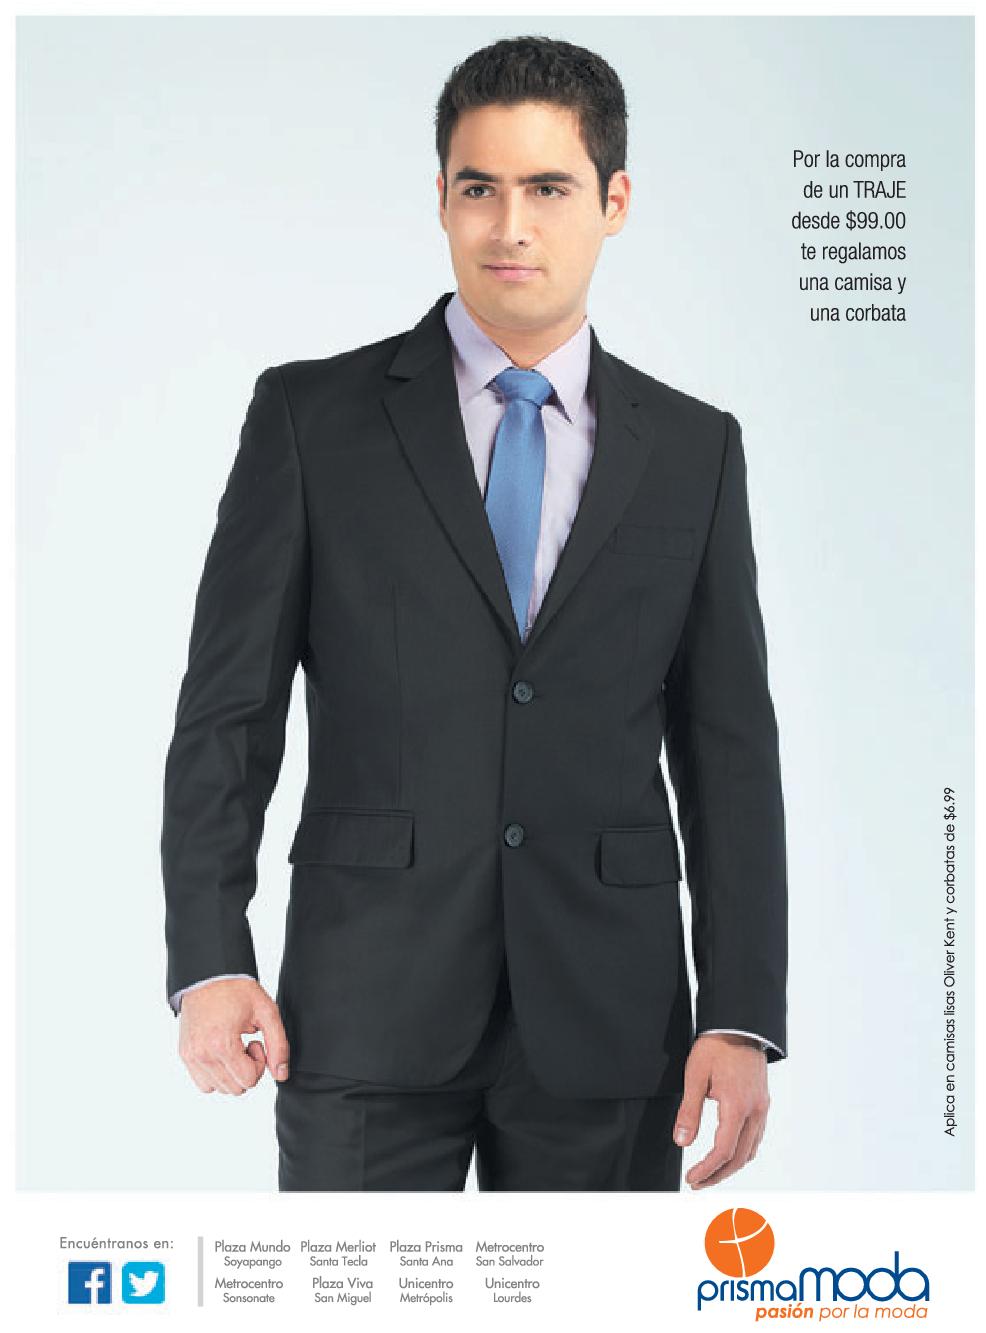 2300bfa76cfe1 Traje para caballero en PRISMA MODA promocion camisa y corbata ...